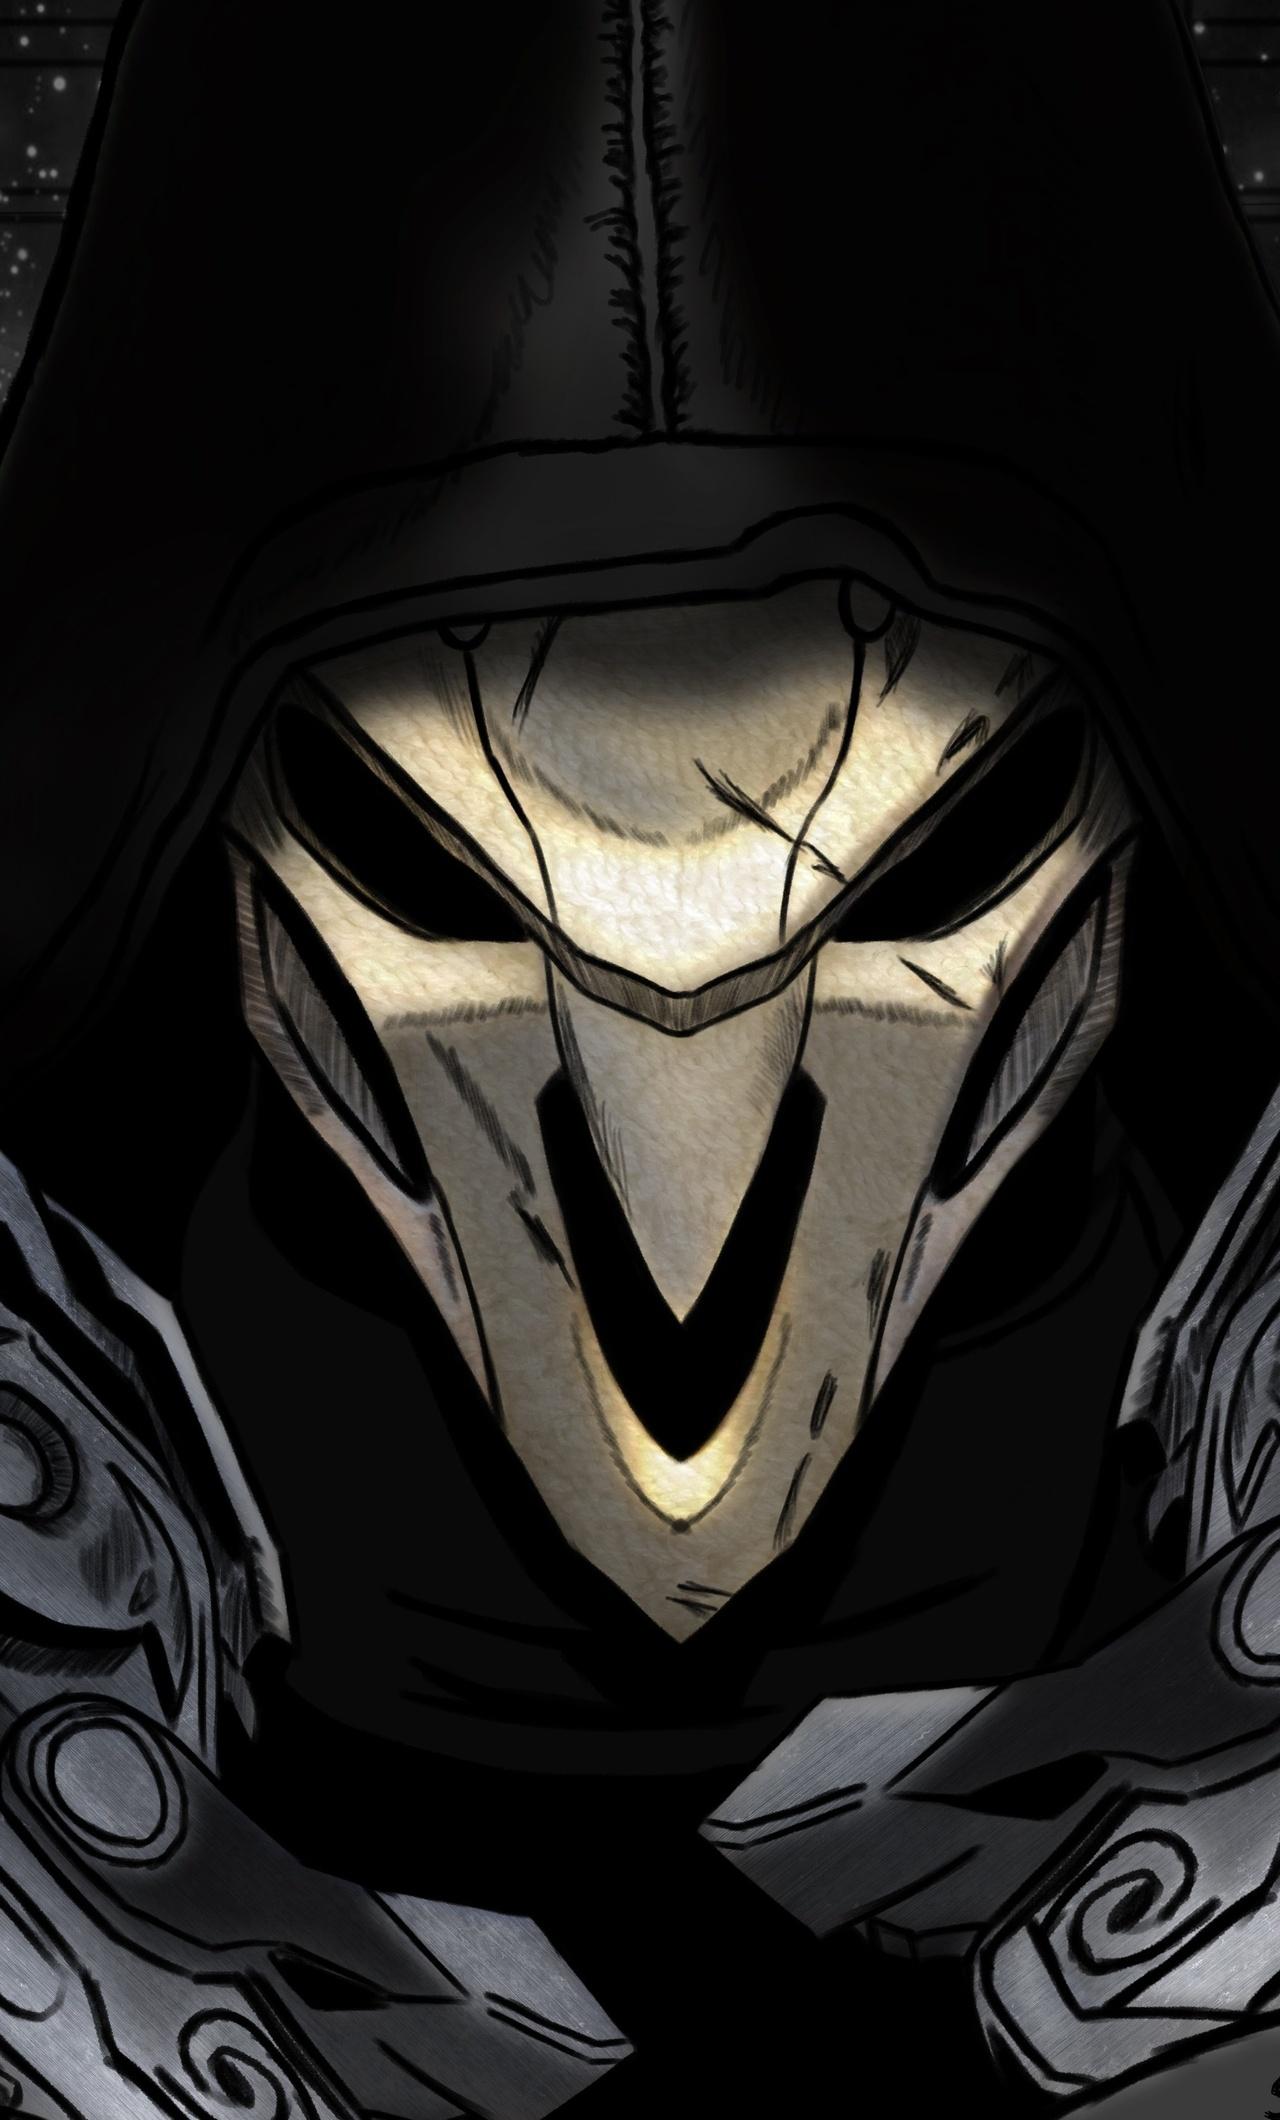 1280x2120 Reaper Overwatch Art 4k Iphone 6 Hd 4k Wallpapers Images